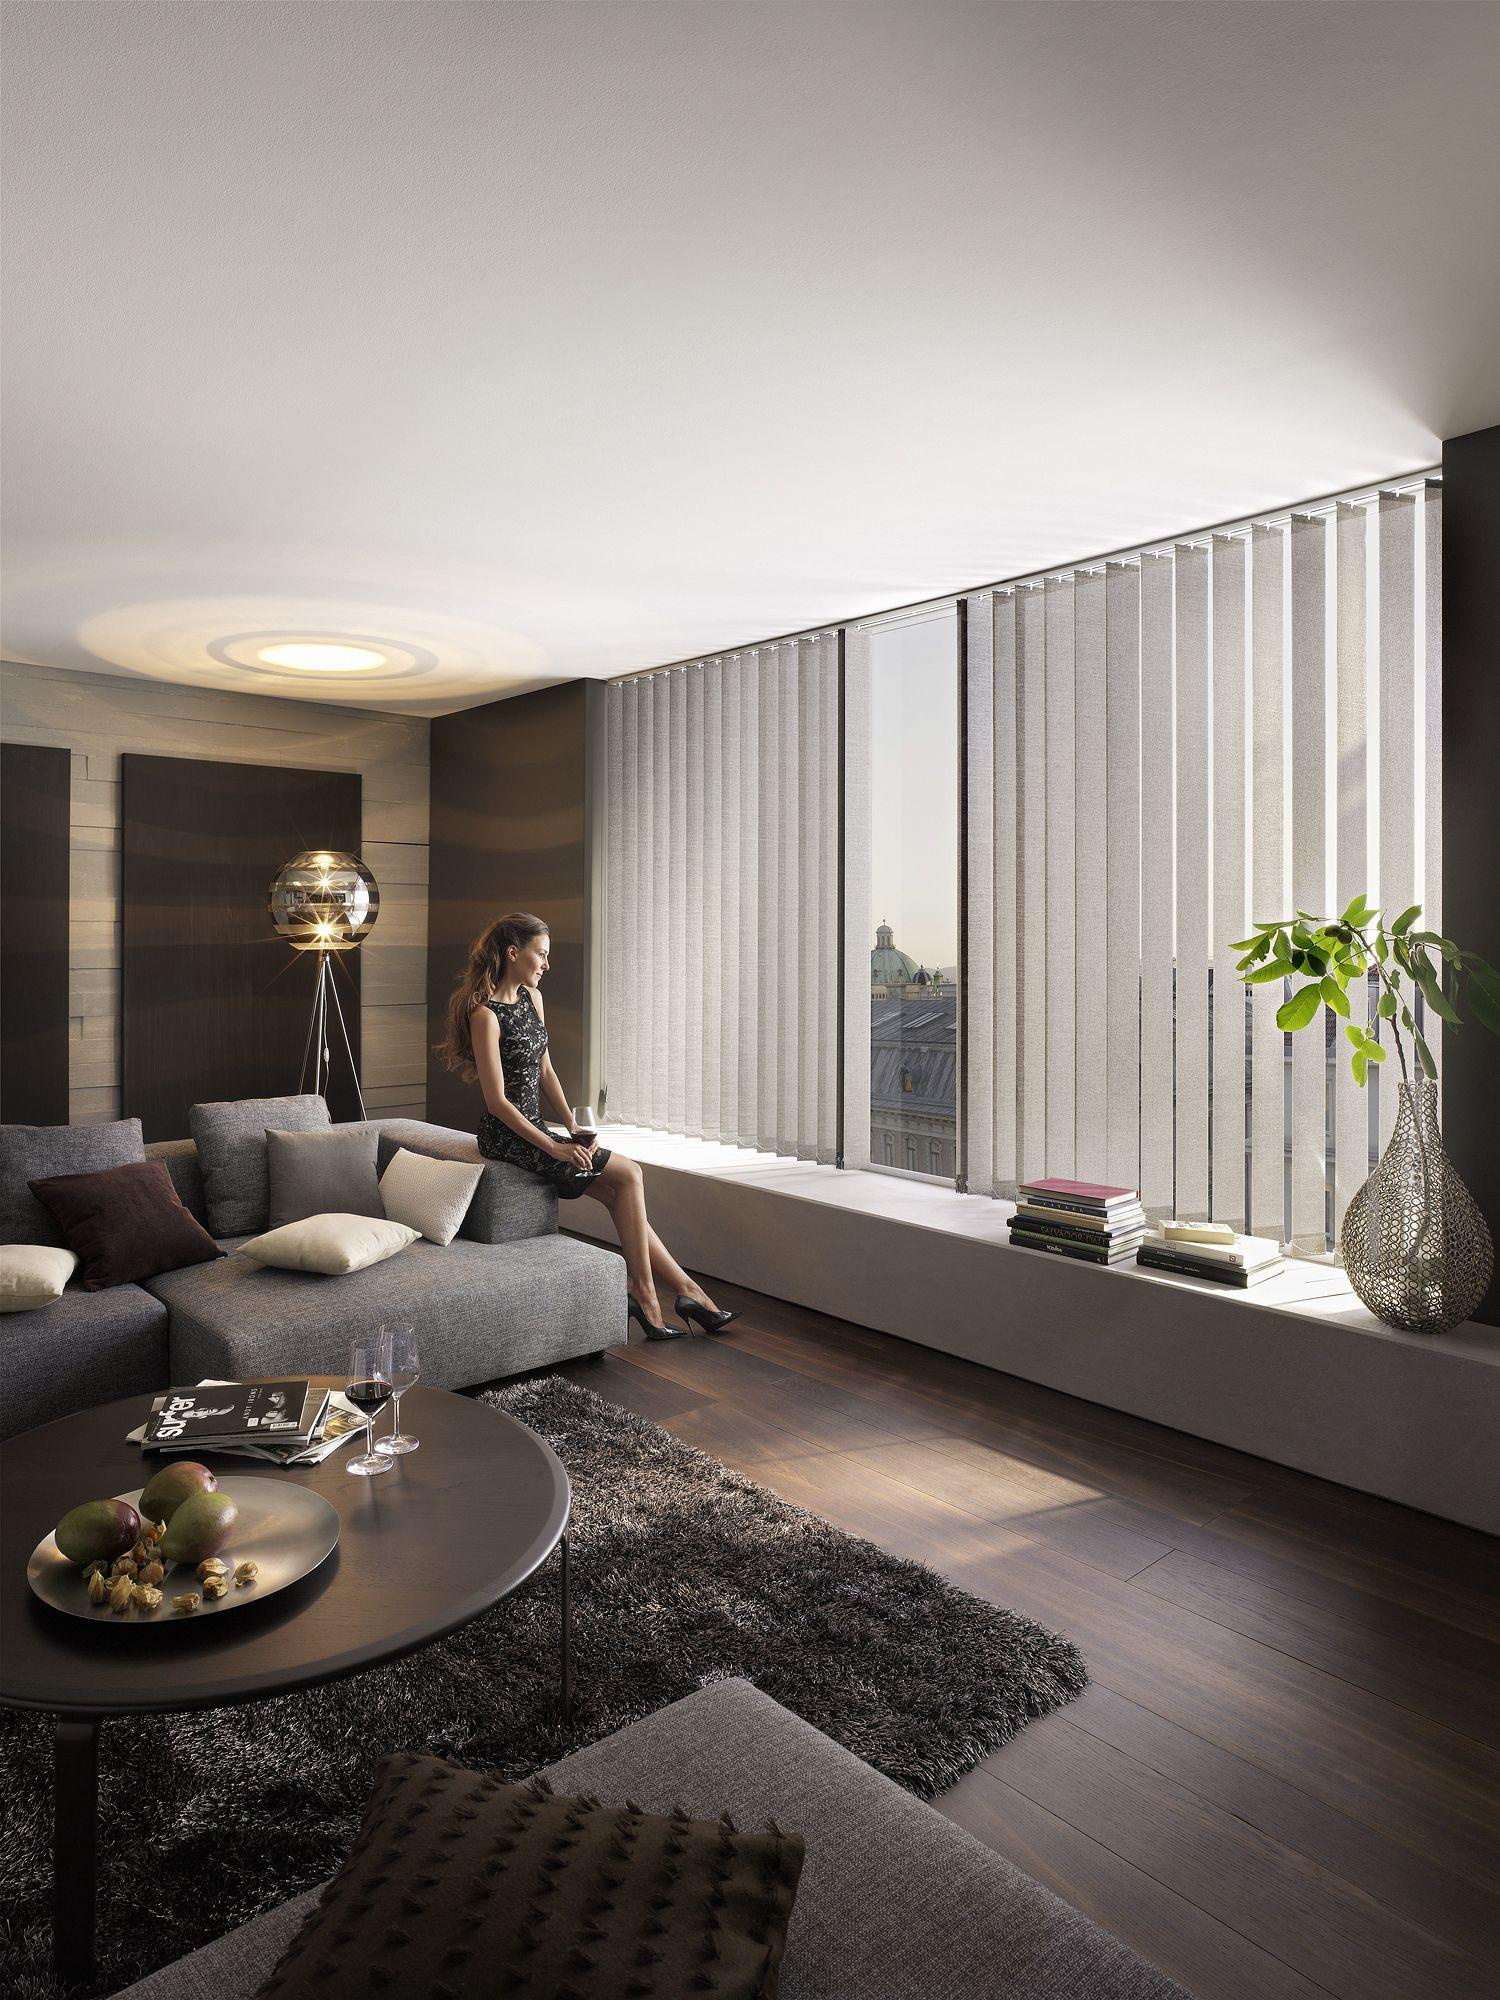 Vertikaljalousie Leha Wohnzimmer Lounge Pinned By Www Wagner